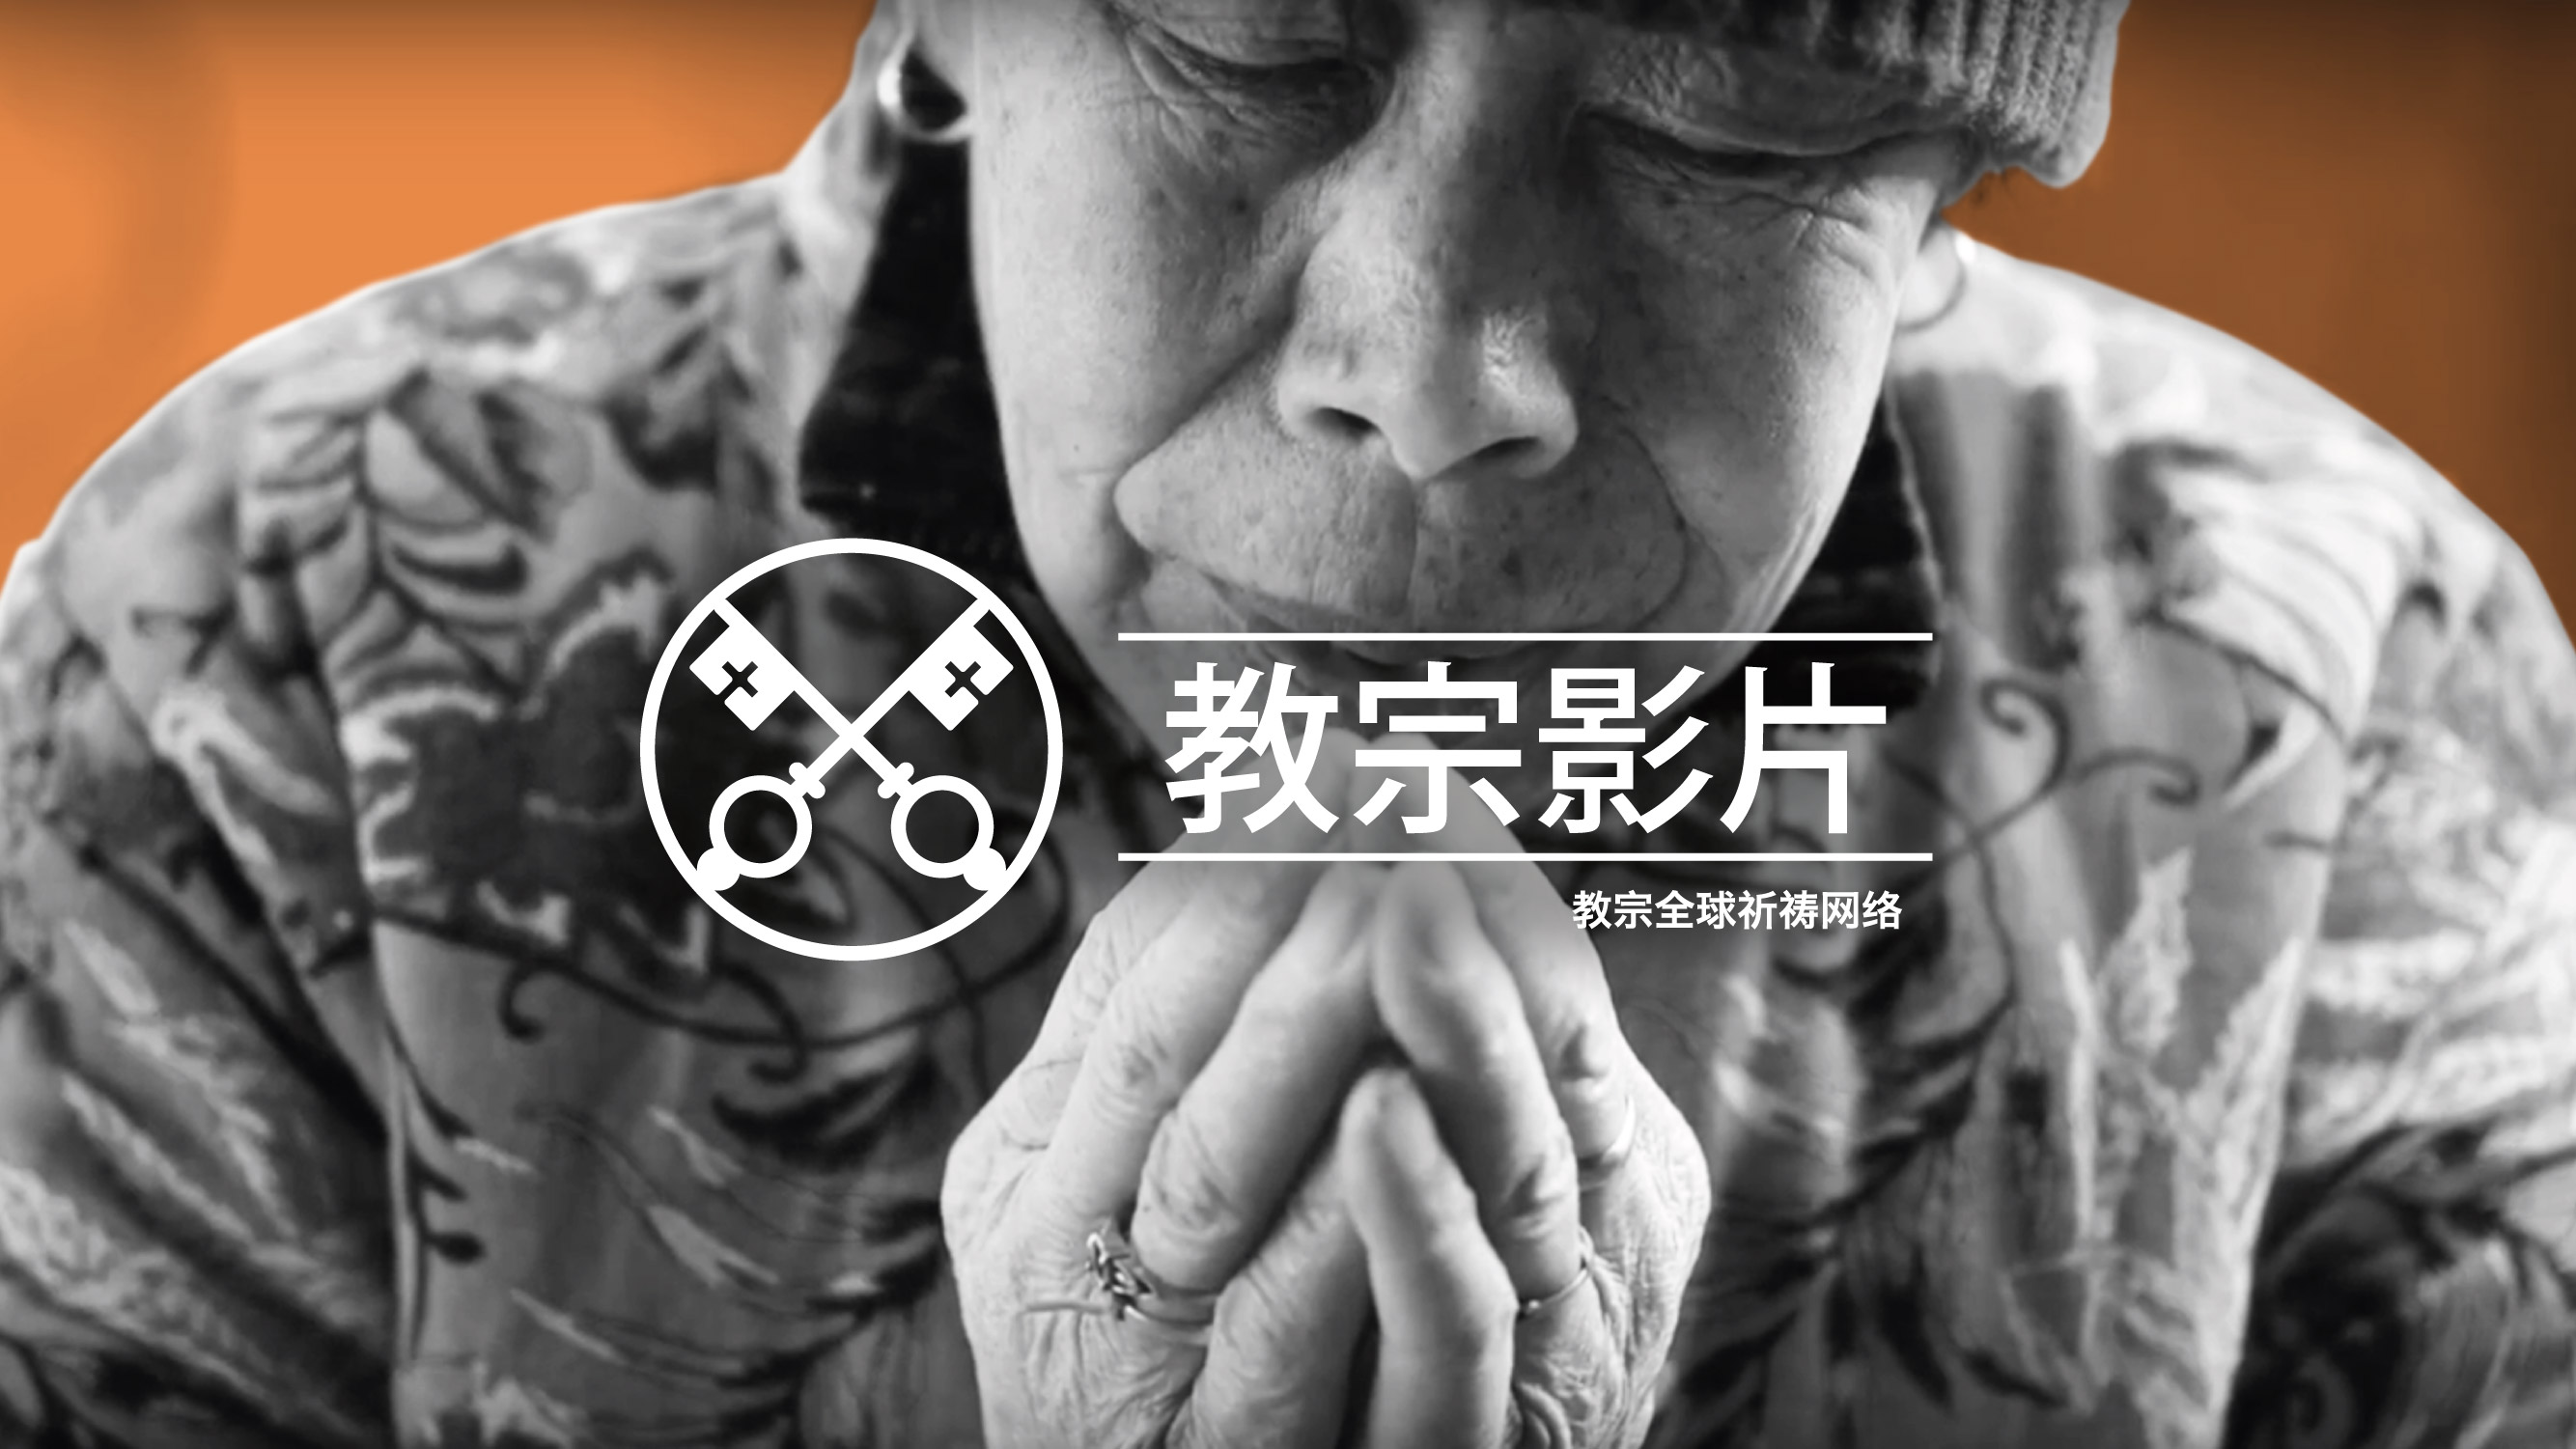 3月:为中国的天主教徒